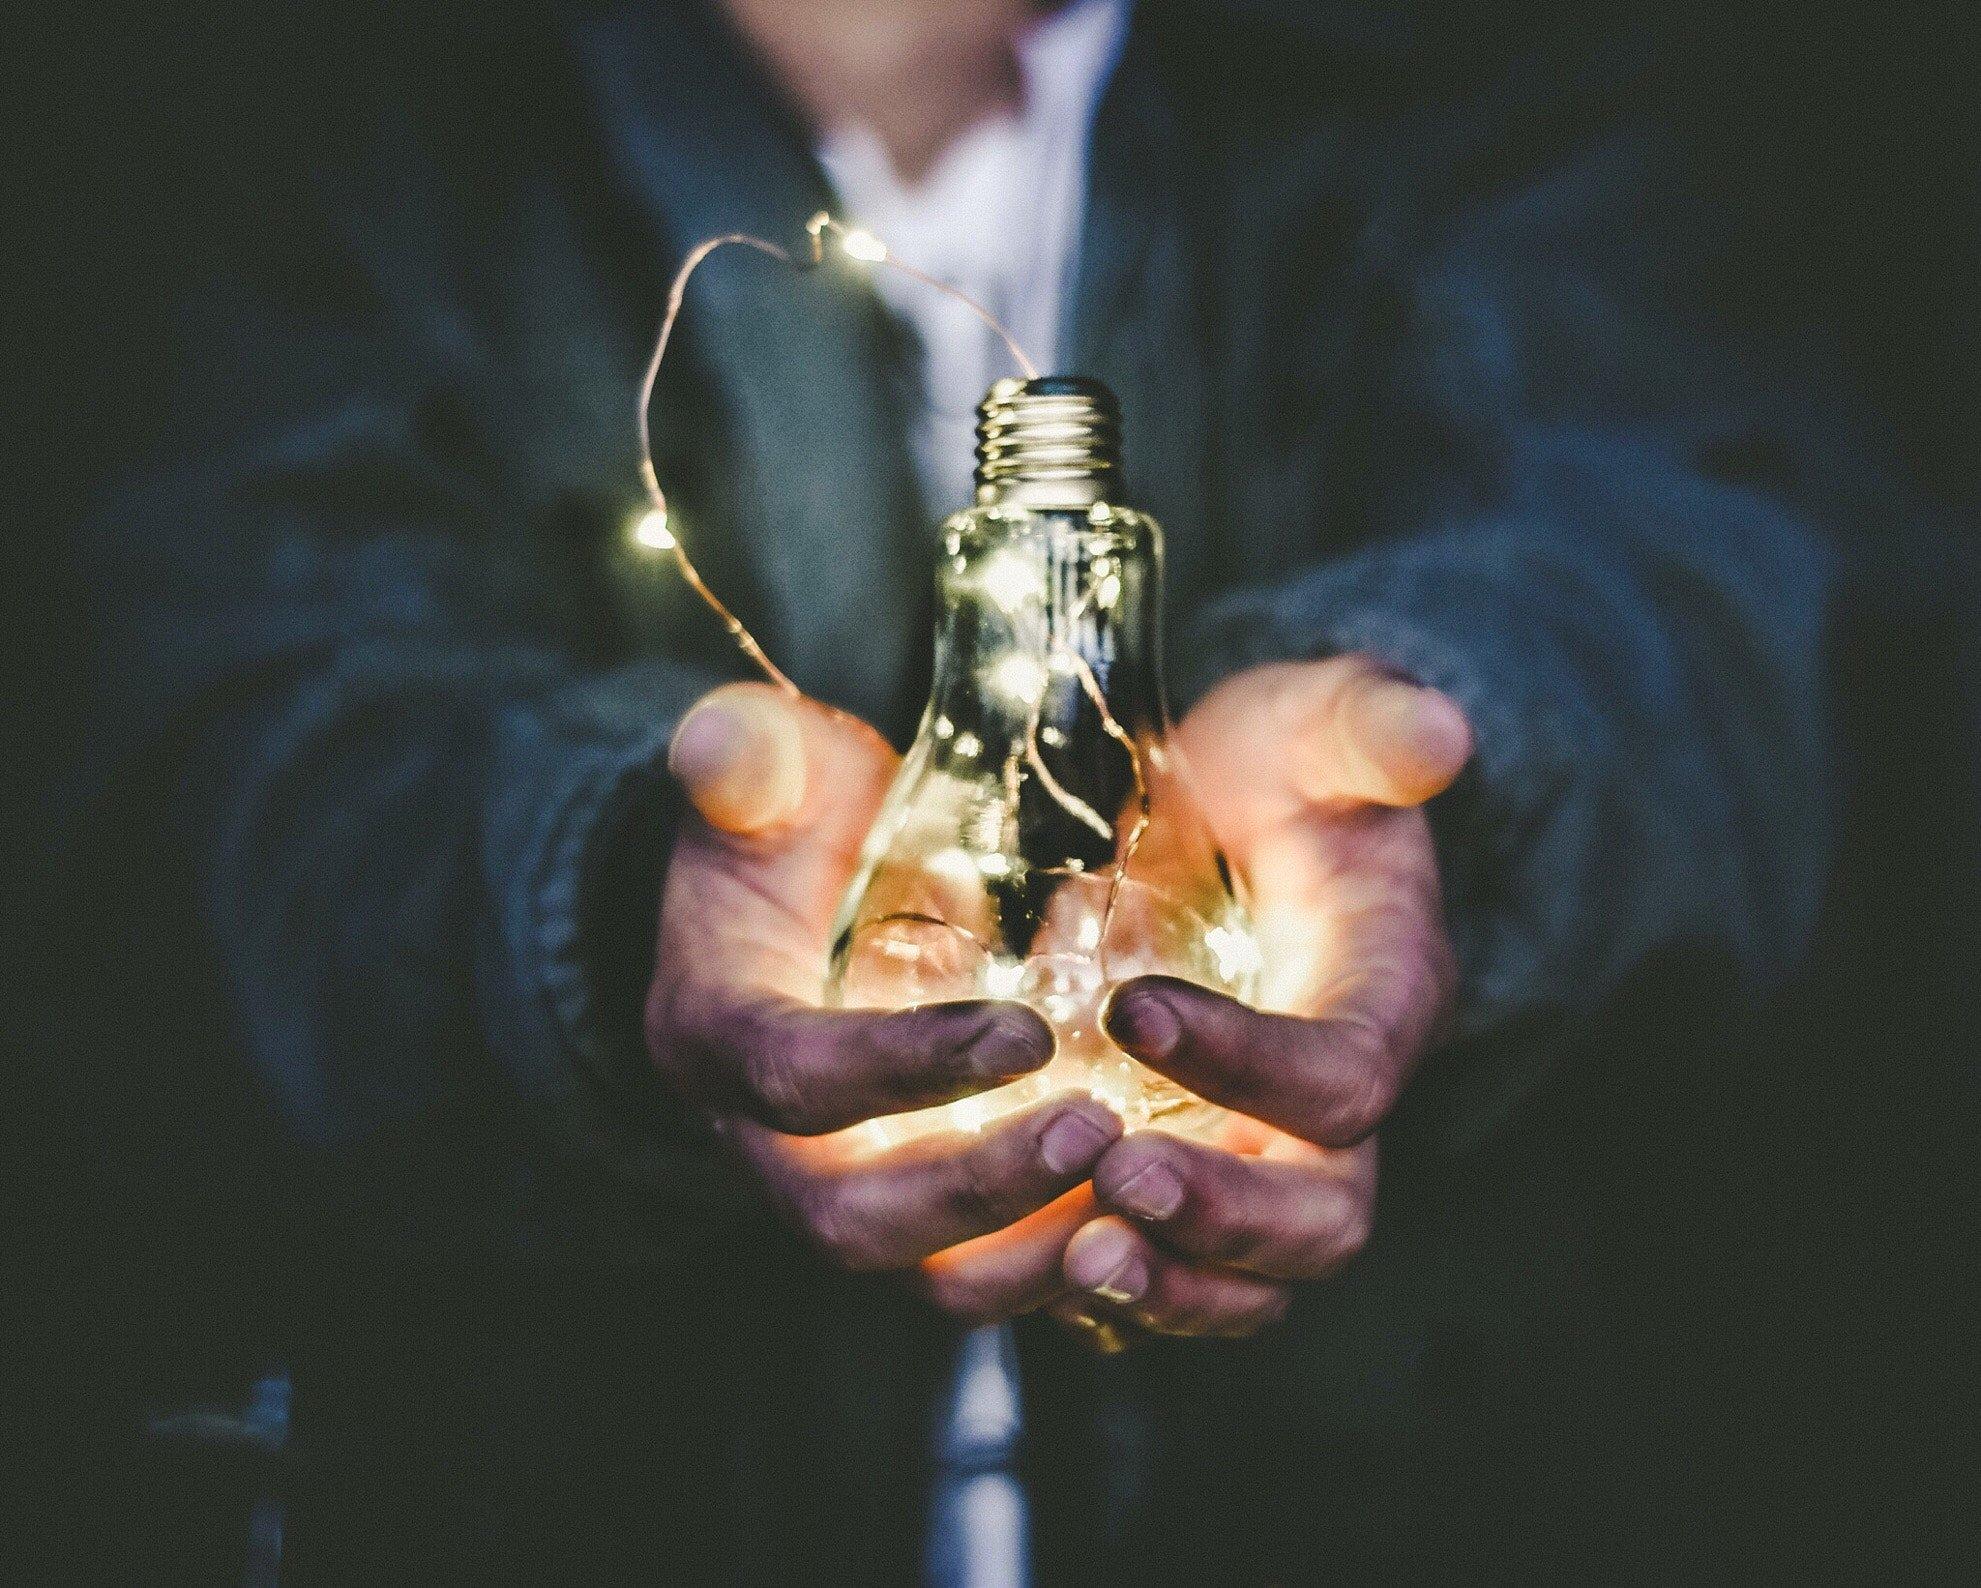 hands holding illuminated lightbulb in a dark room